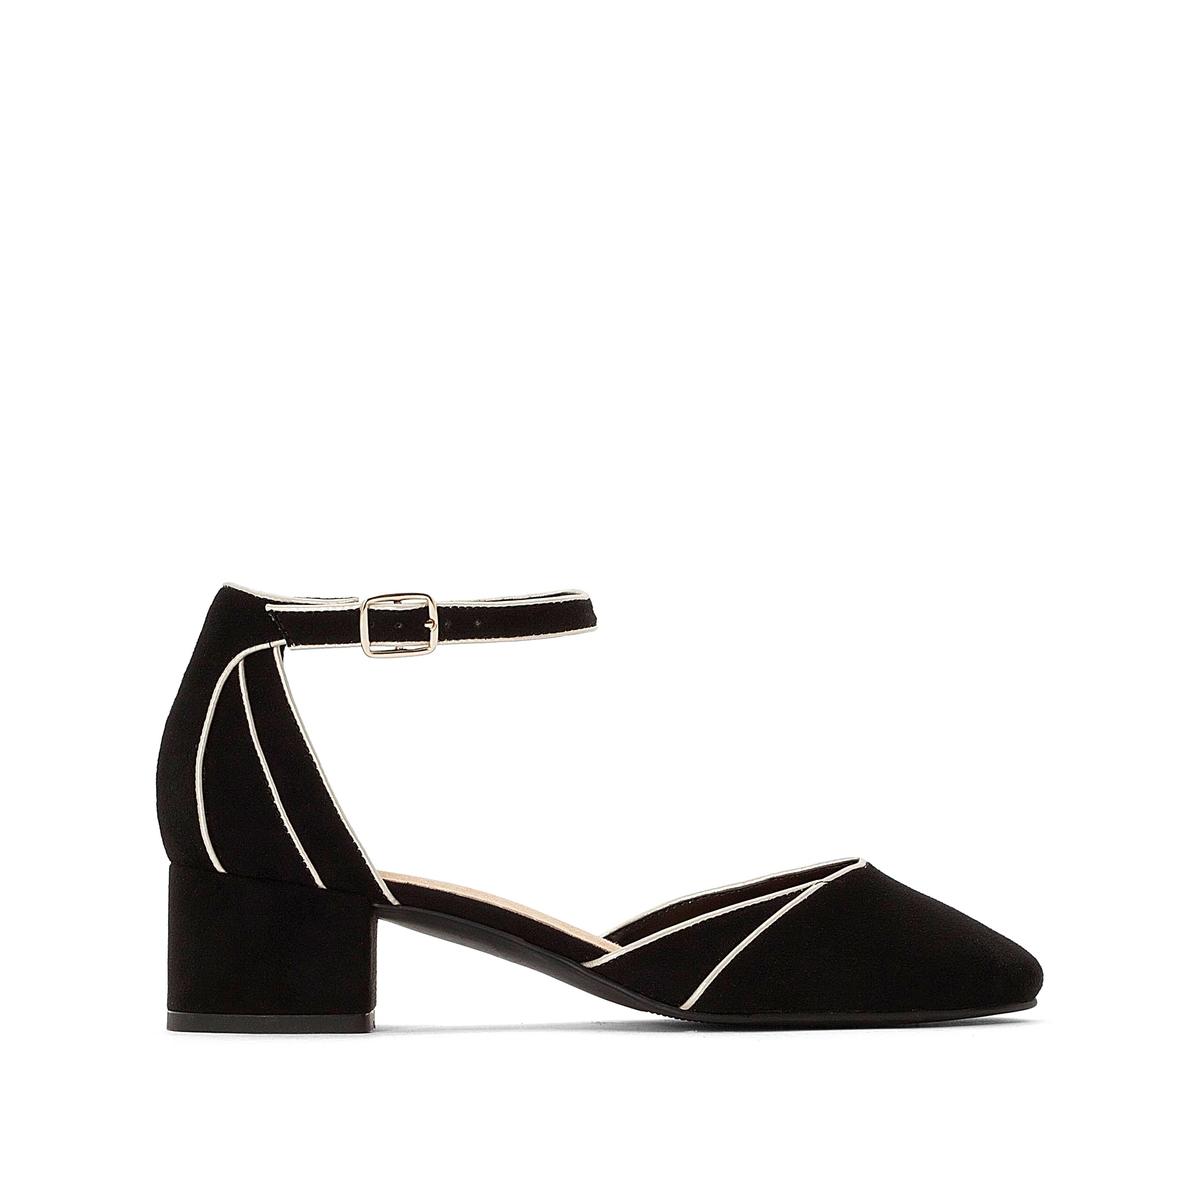 Sandalias de tacón con correa en el tobillo y ribete a contraste